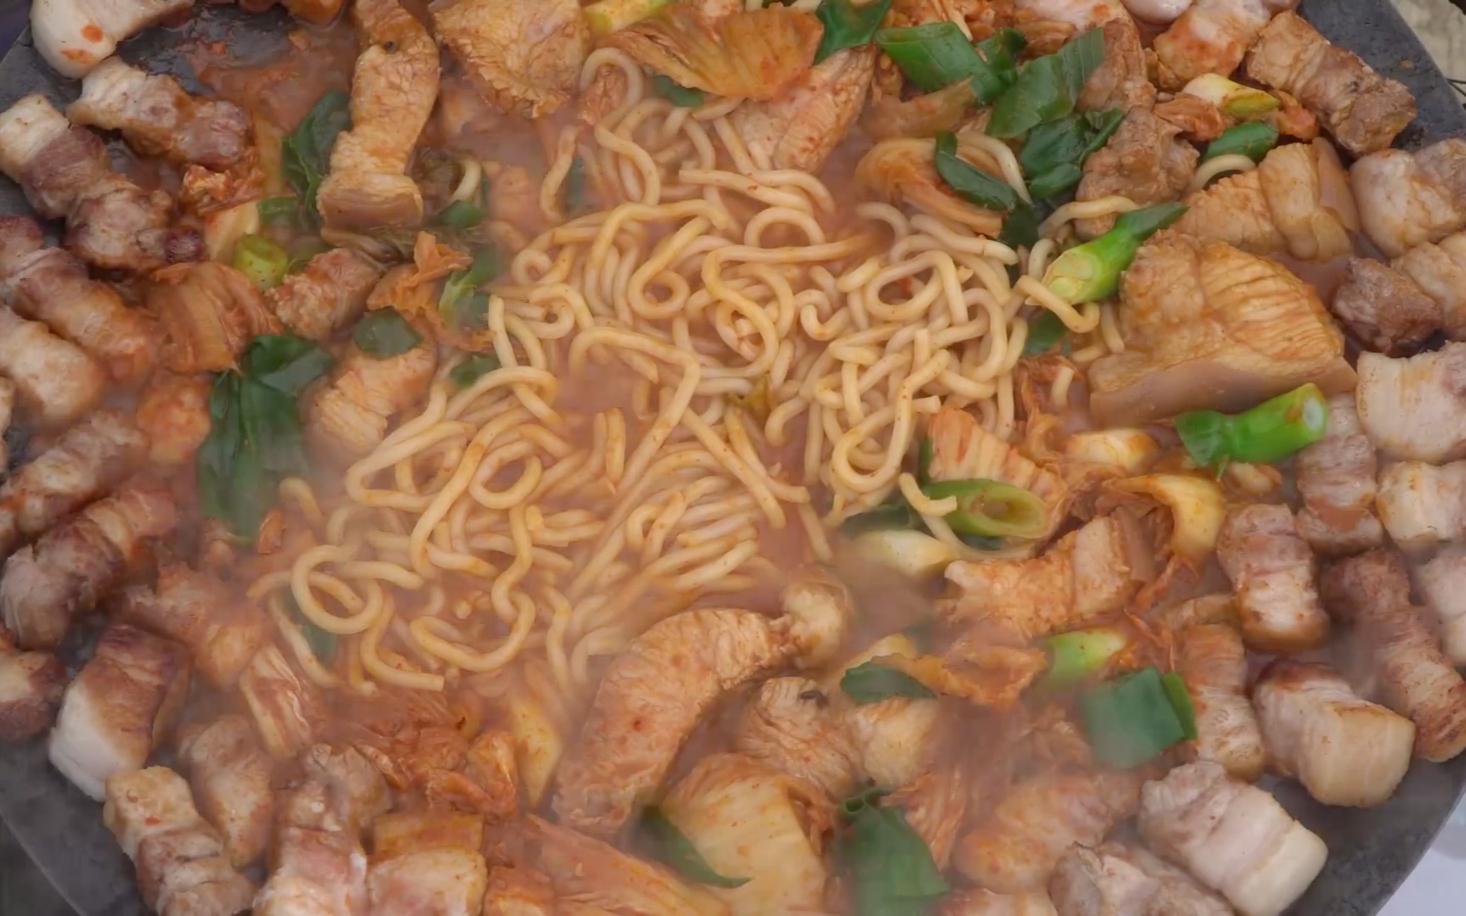 与家人共享焦香酥脆的烤肉,放入泡菜和牛肉汤,别有一番风味!